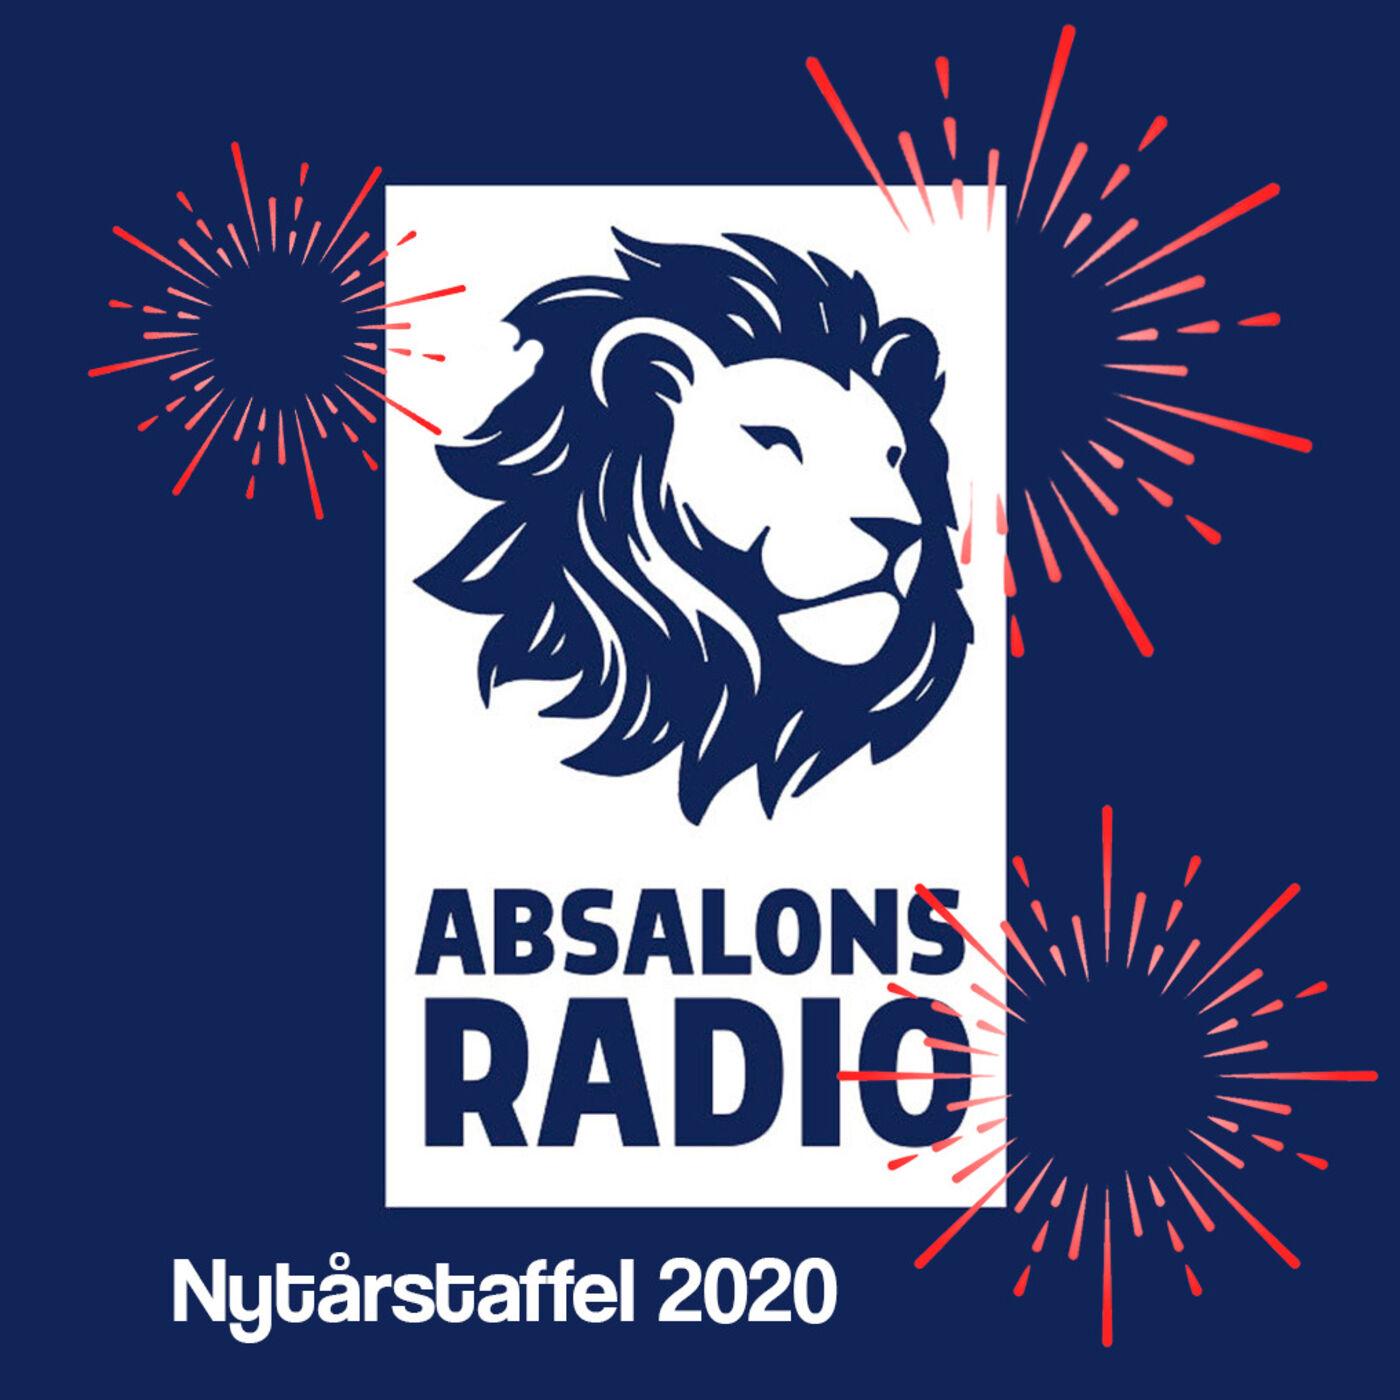 #39 Nytårstaffel 2020